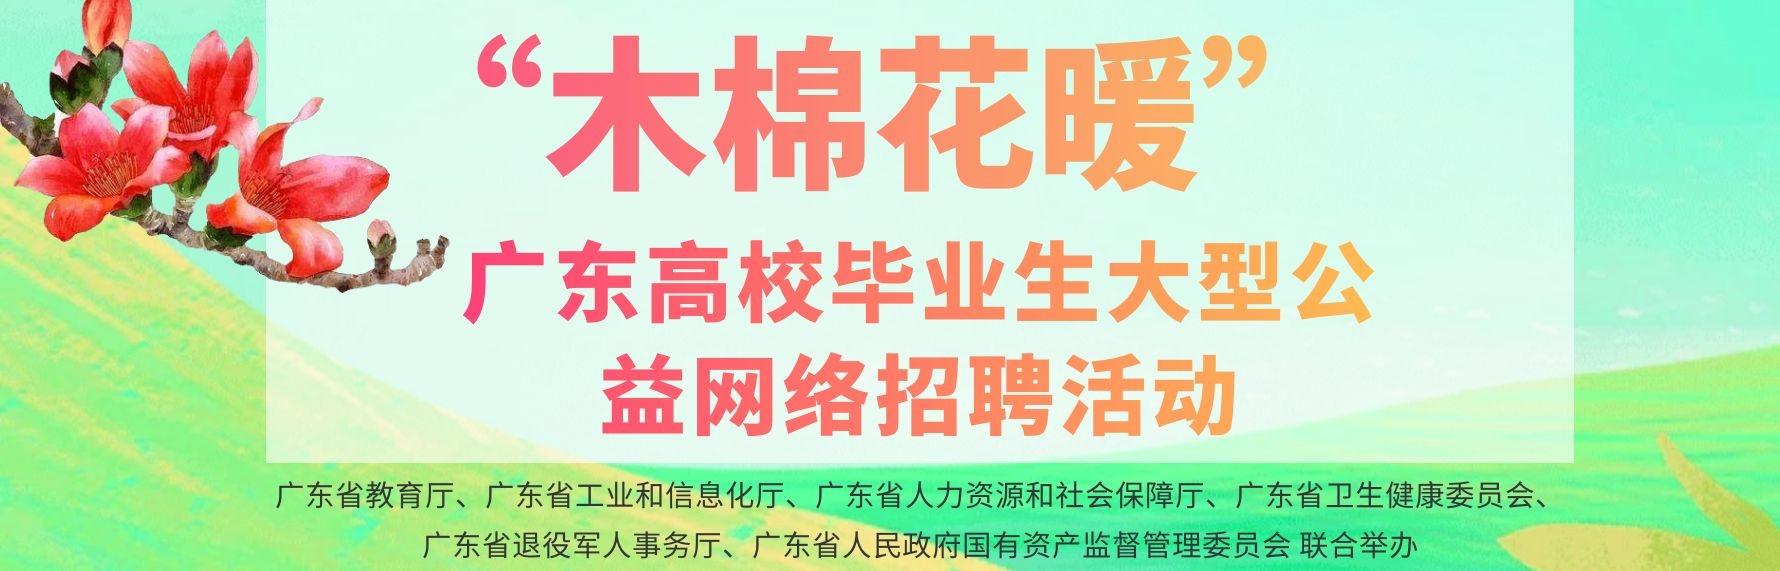 """""""木棉花暖""""广东高校毕业生大型公益网络招聘活动"""